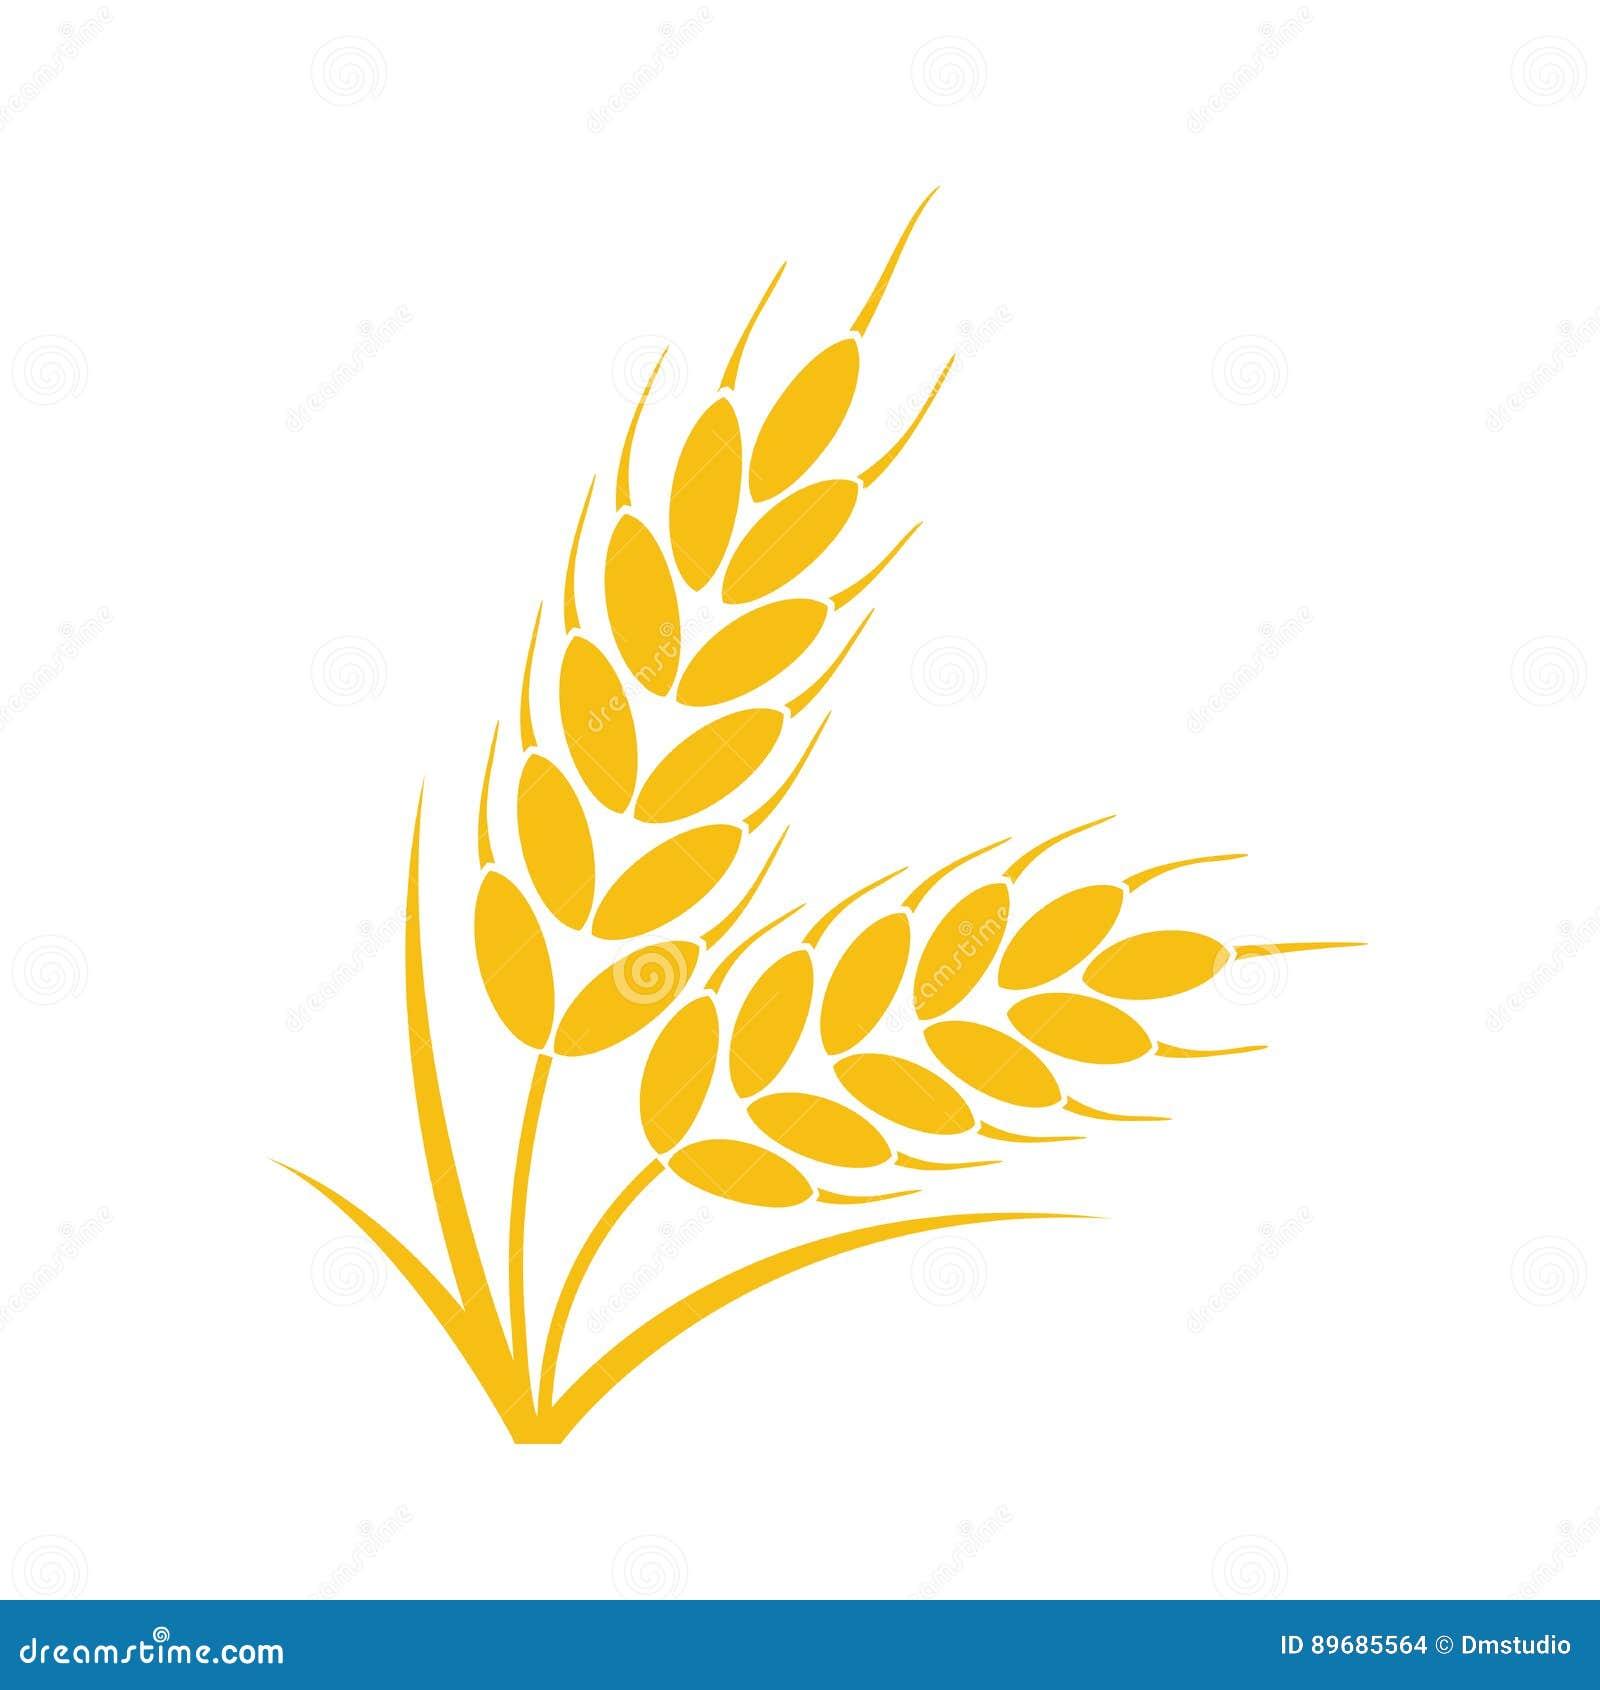 Δέσμη των αυτιών σίτου ή σίκαλης με ολόκληρο το σιτάρι